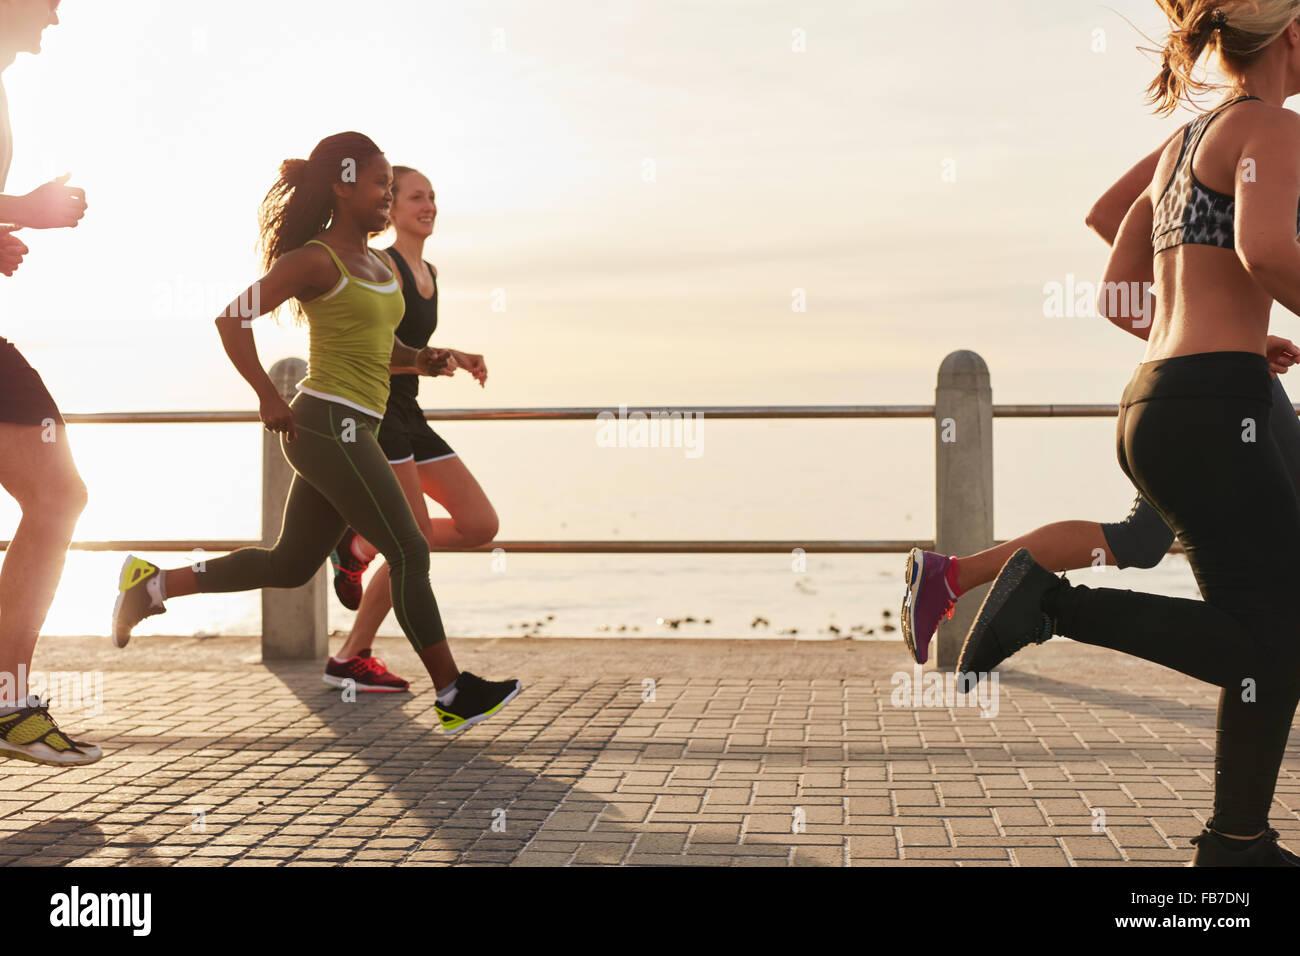 Mujer joven corriendo con amigos en el paseo marítimo al atardecer. Colocar los jóvenes haciendo ejecutar Imagen De Stock